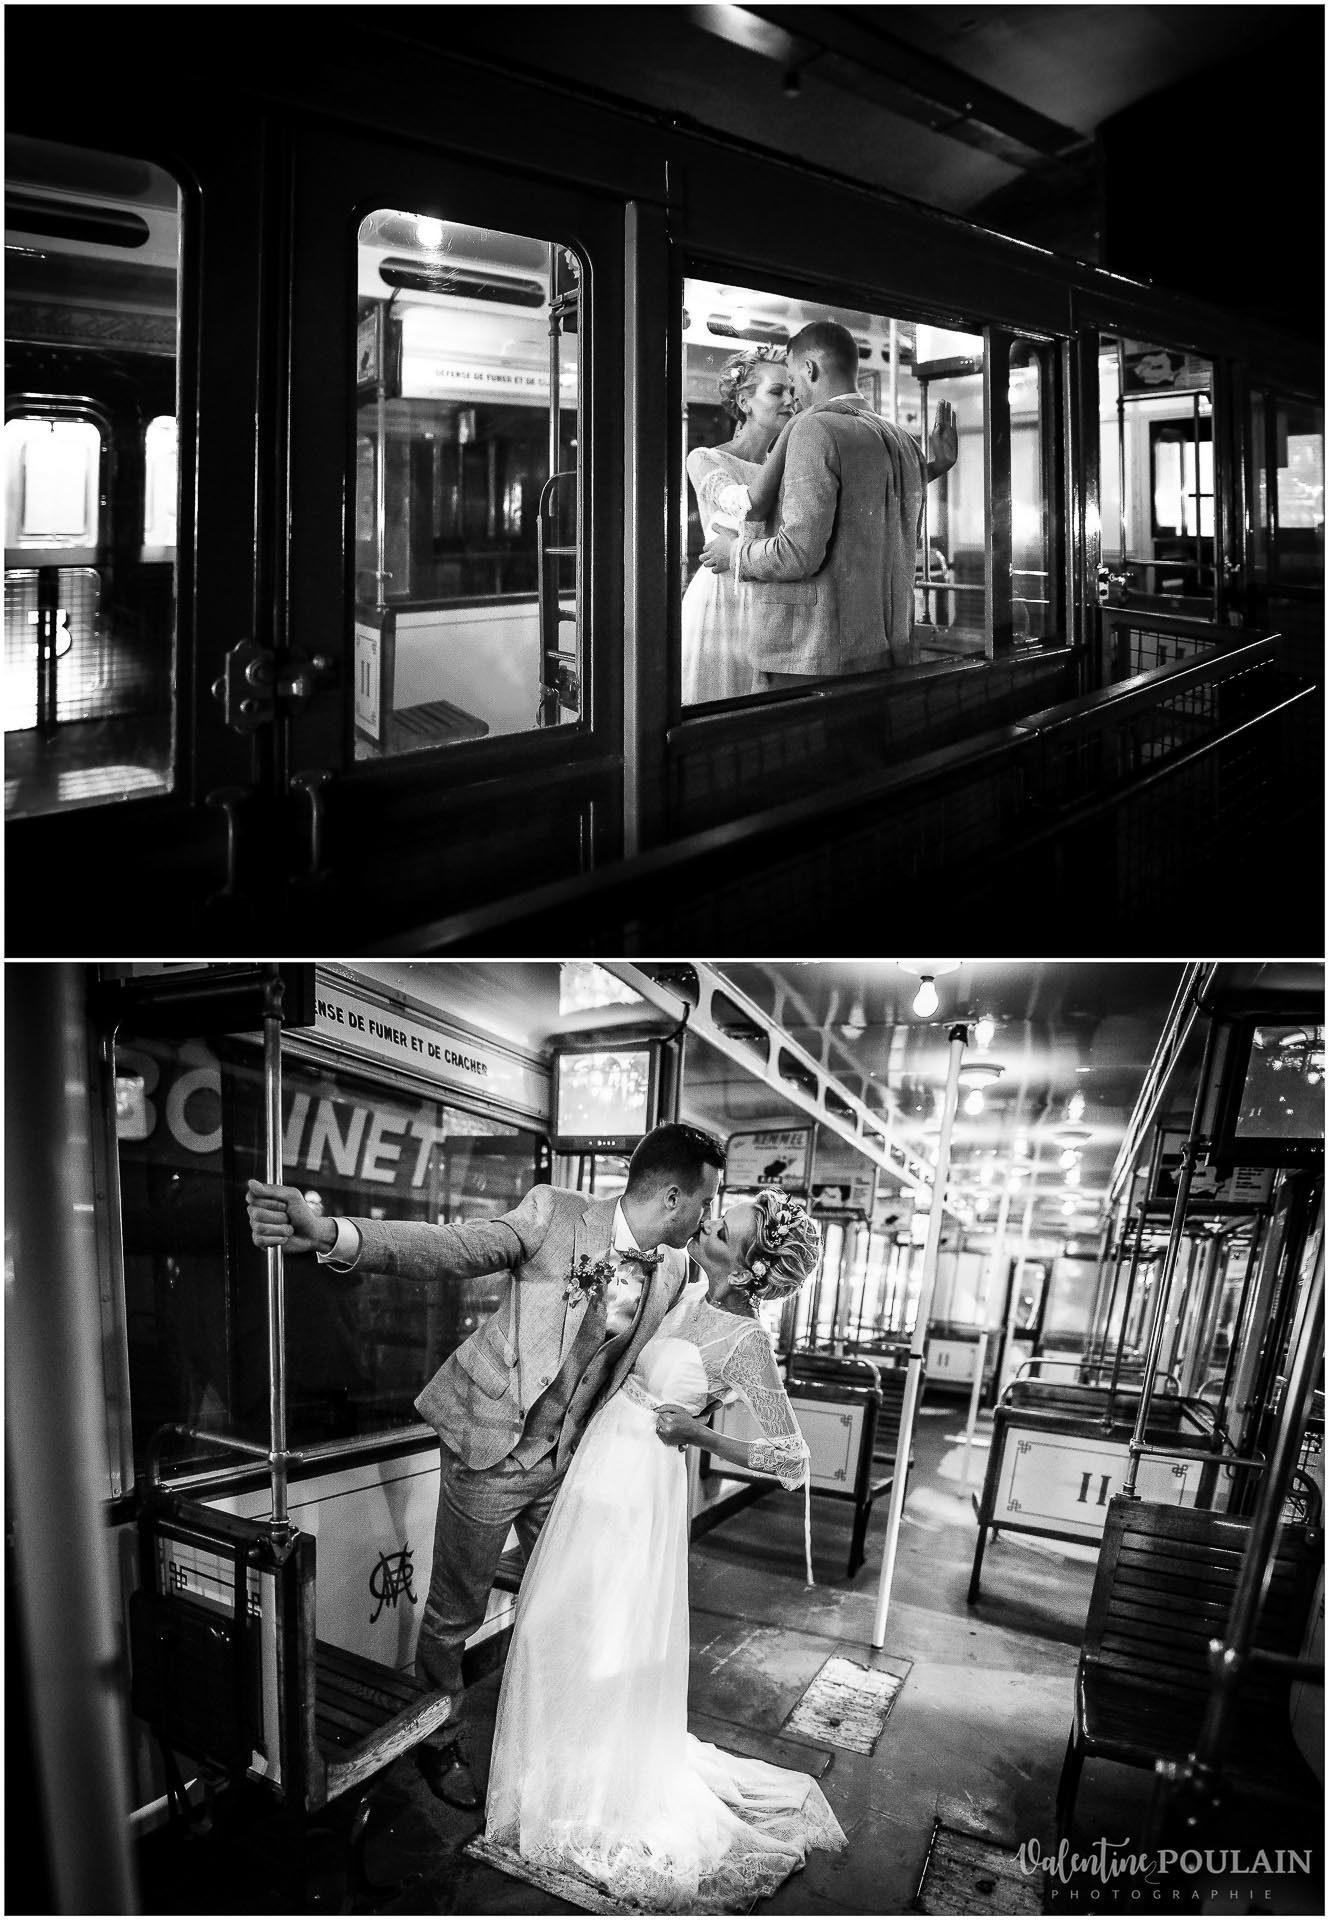 Photo couple noir blanc train - Valentine Poulain